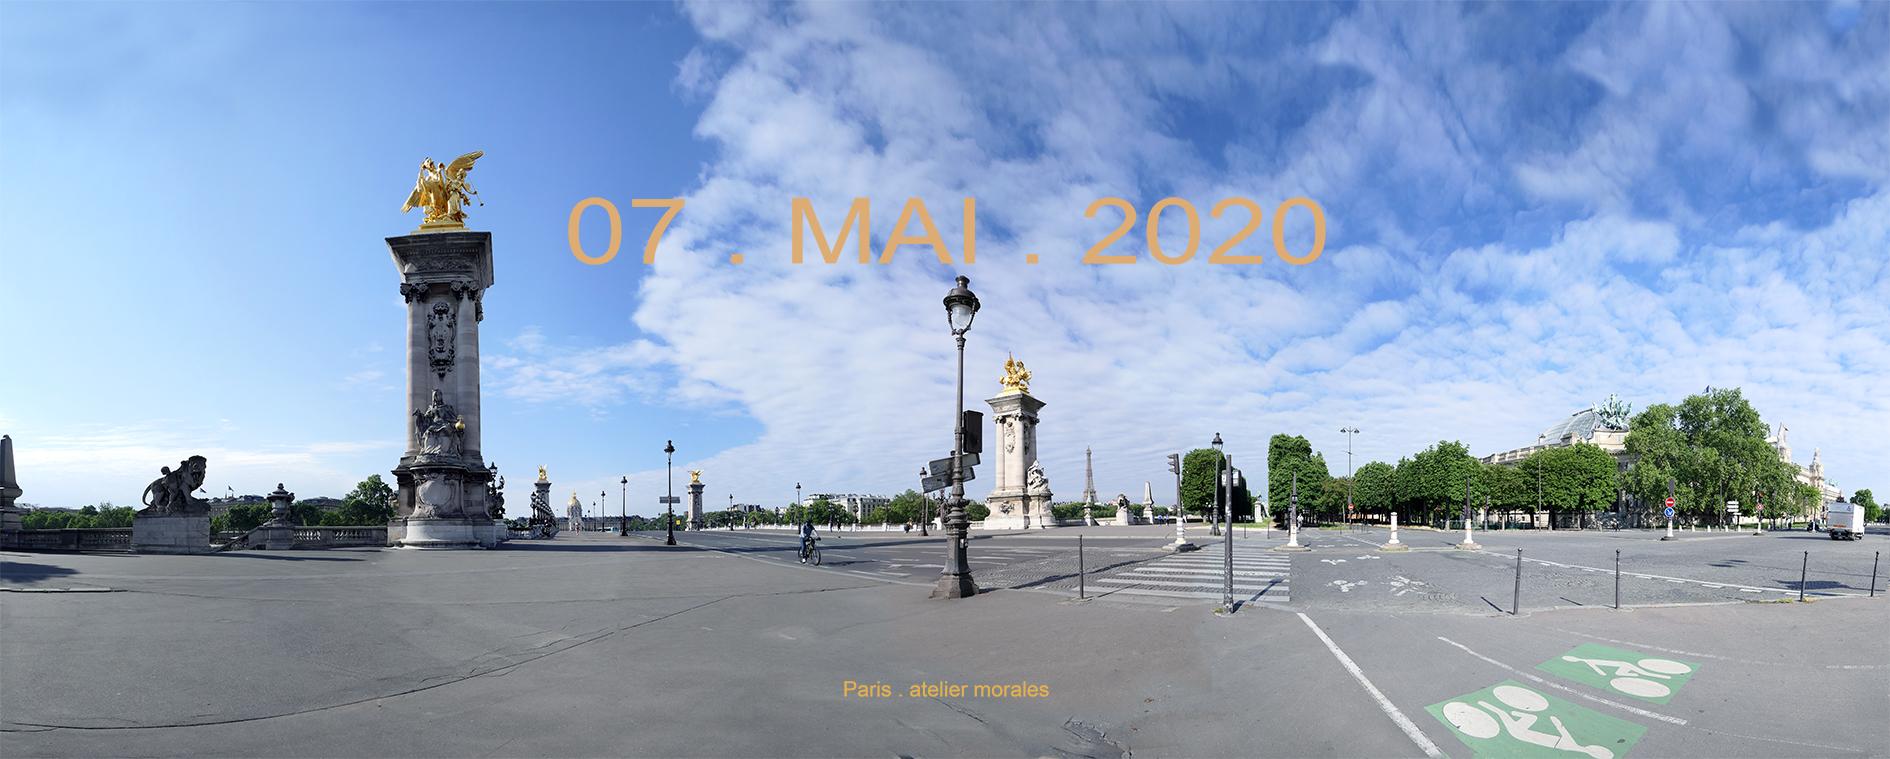 53eme jour confinement. 07 mai 2020. Pont Alexandre III. Cours La Reine Paris (2020) - Teresa Ayuso & Juan Luis Morales  - Atelier Morales